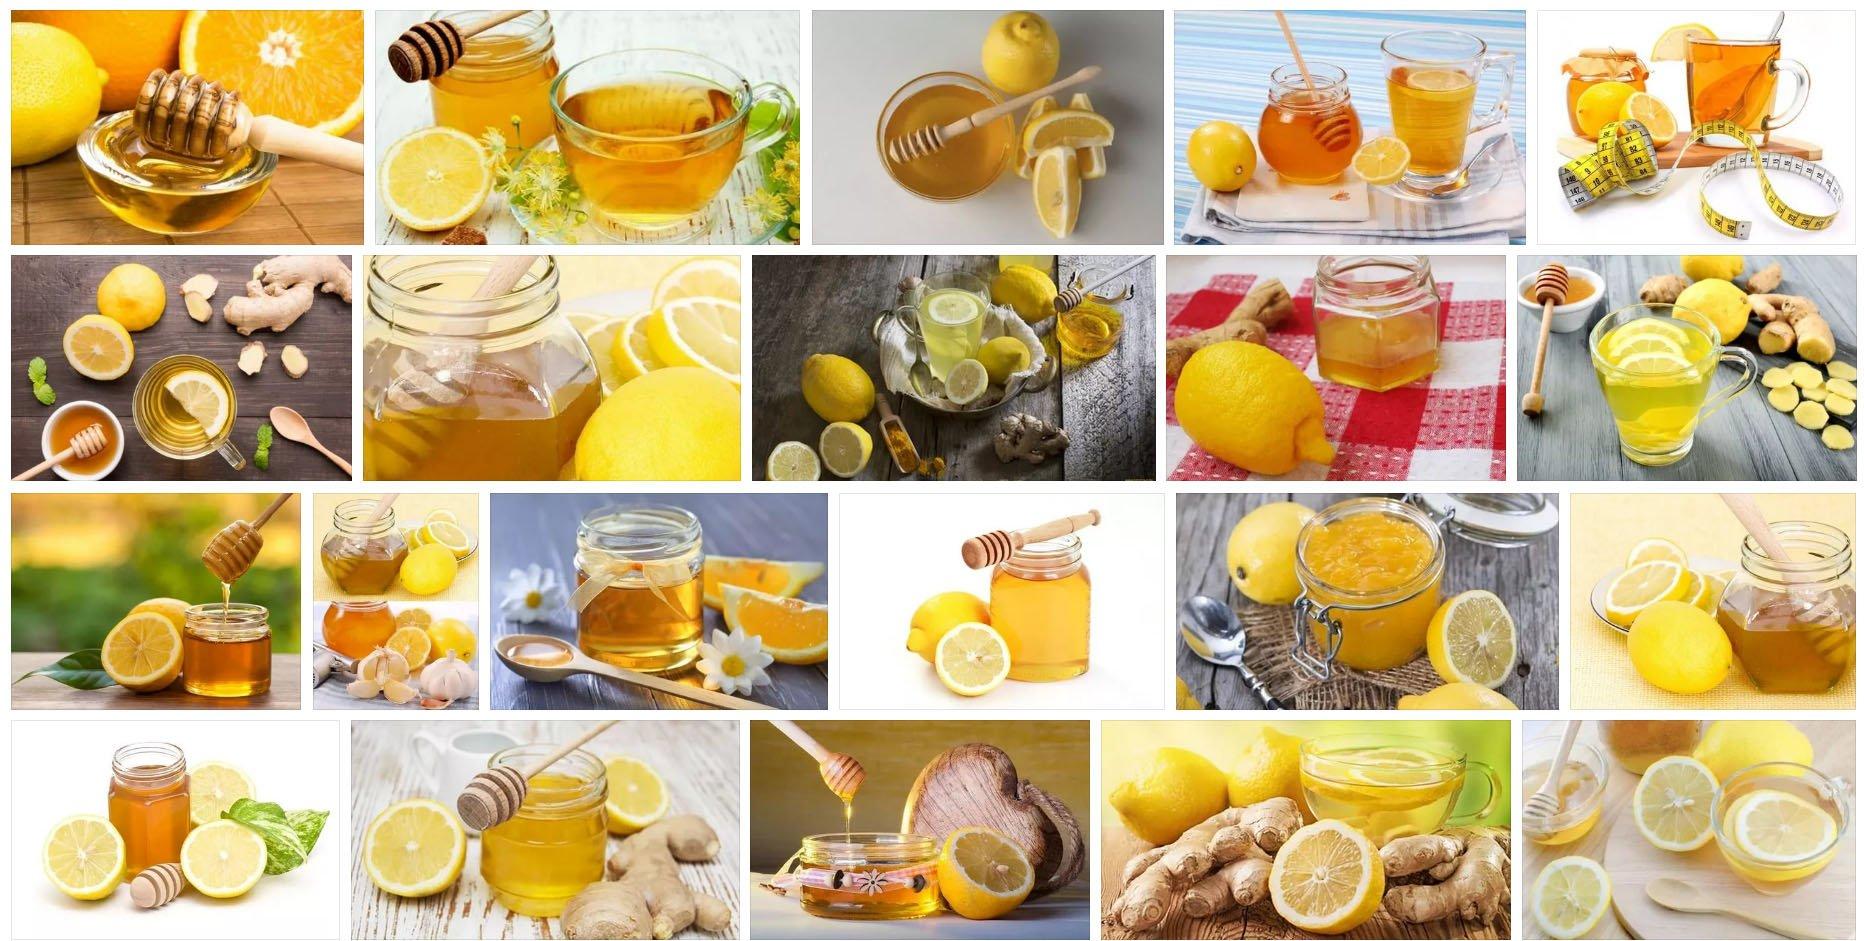 Лимонная Диета При Похудении. Лимонная диета для похудения: рецепты и отзывы